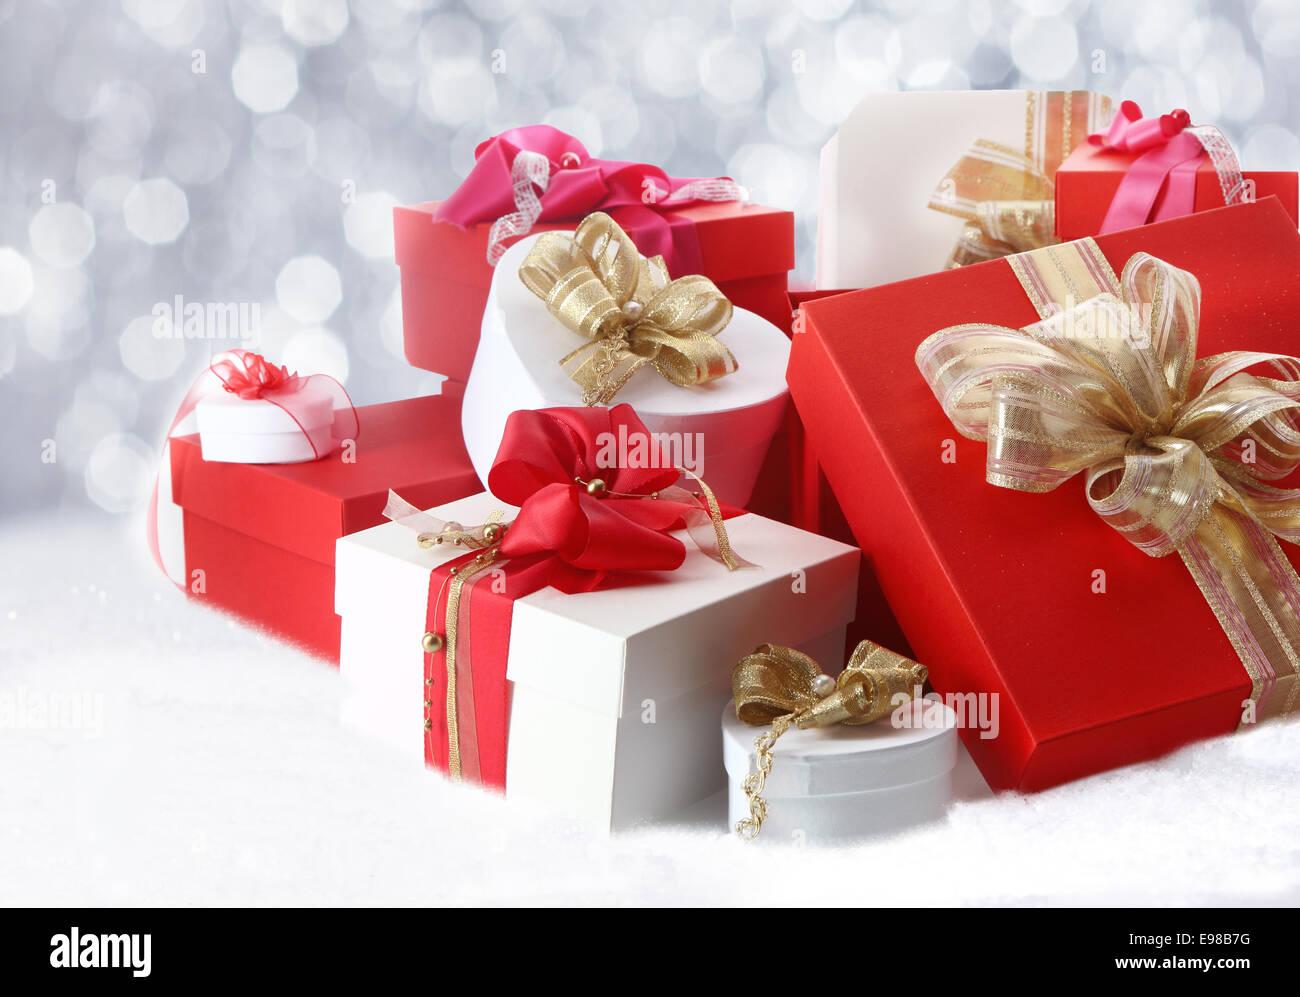 Schöne Weihnachtsgeschenke und Boxen mit dekorativen Schleifen und ...